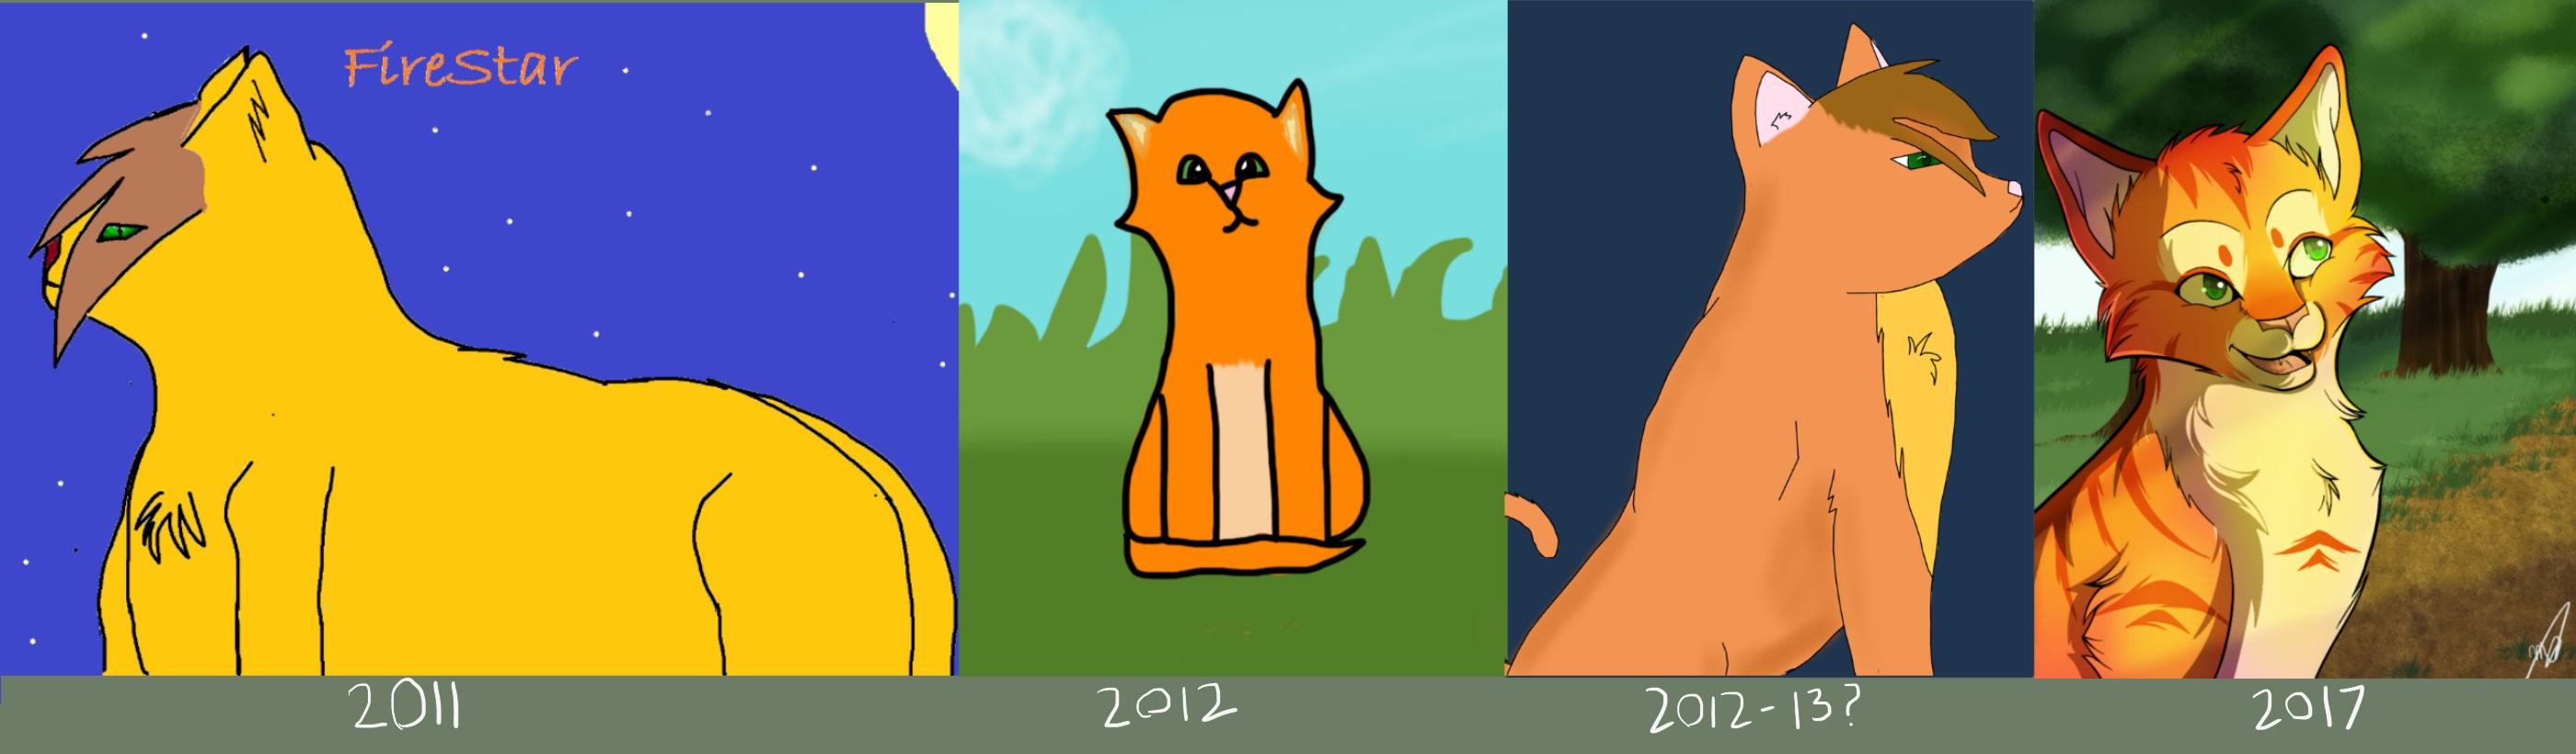 Firestar - Progress by drawingwolf17